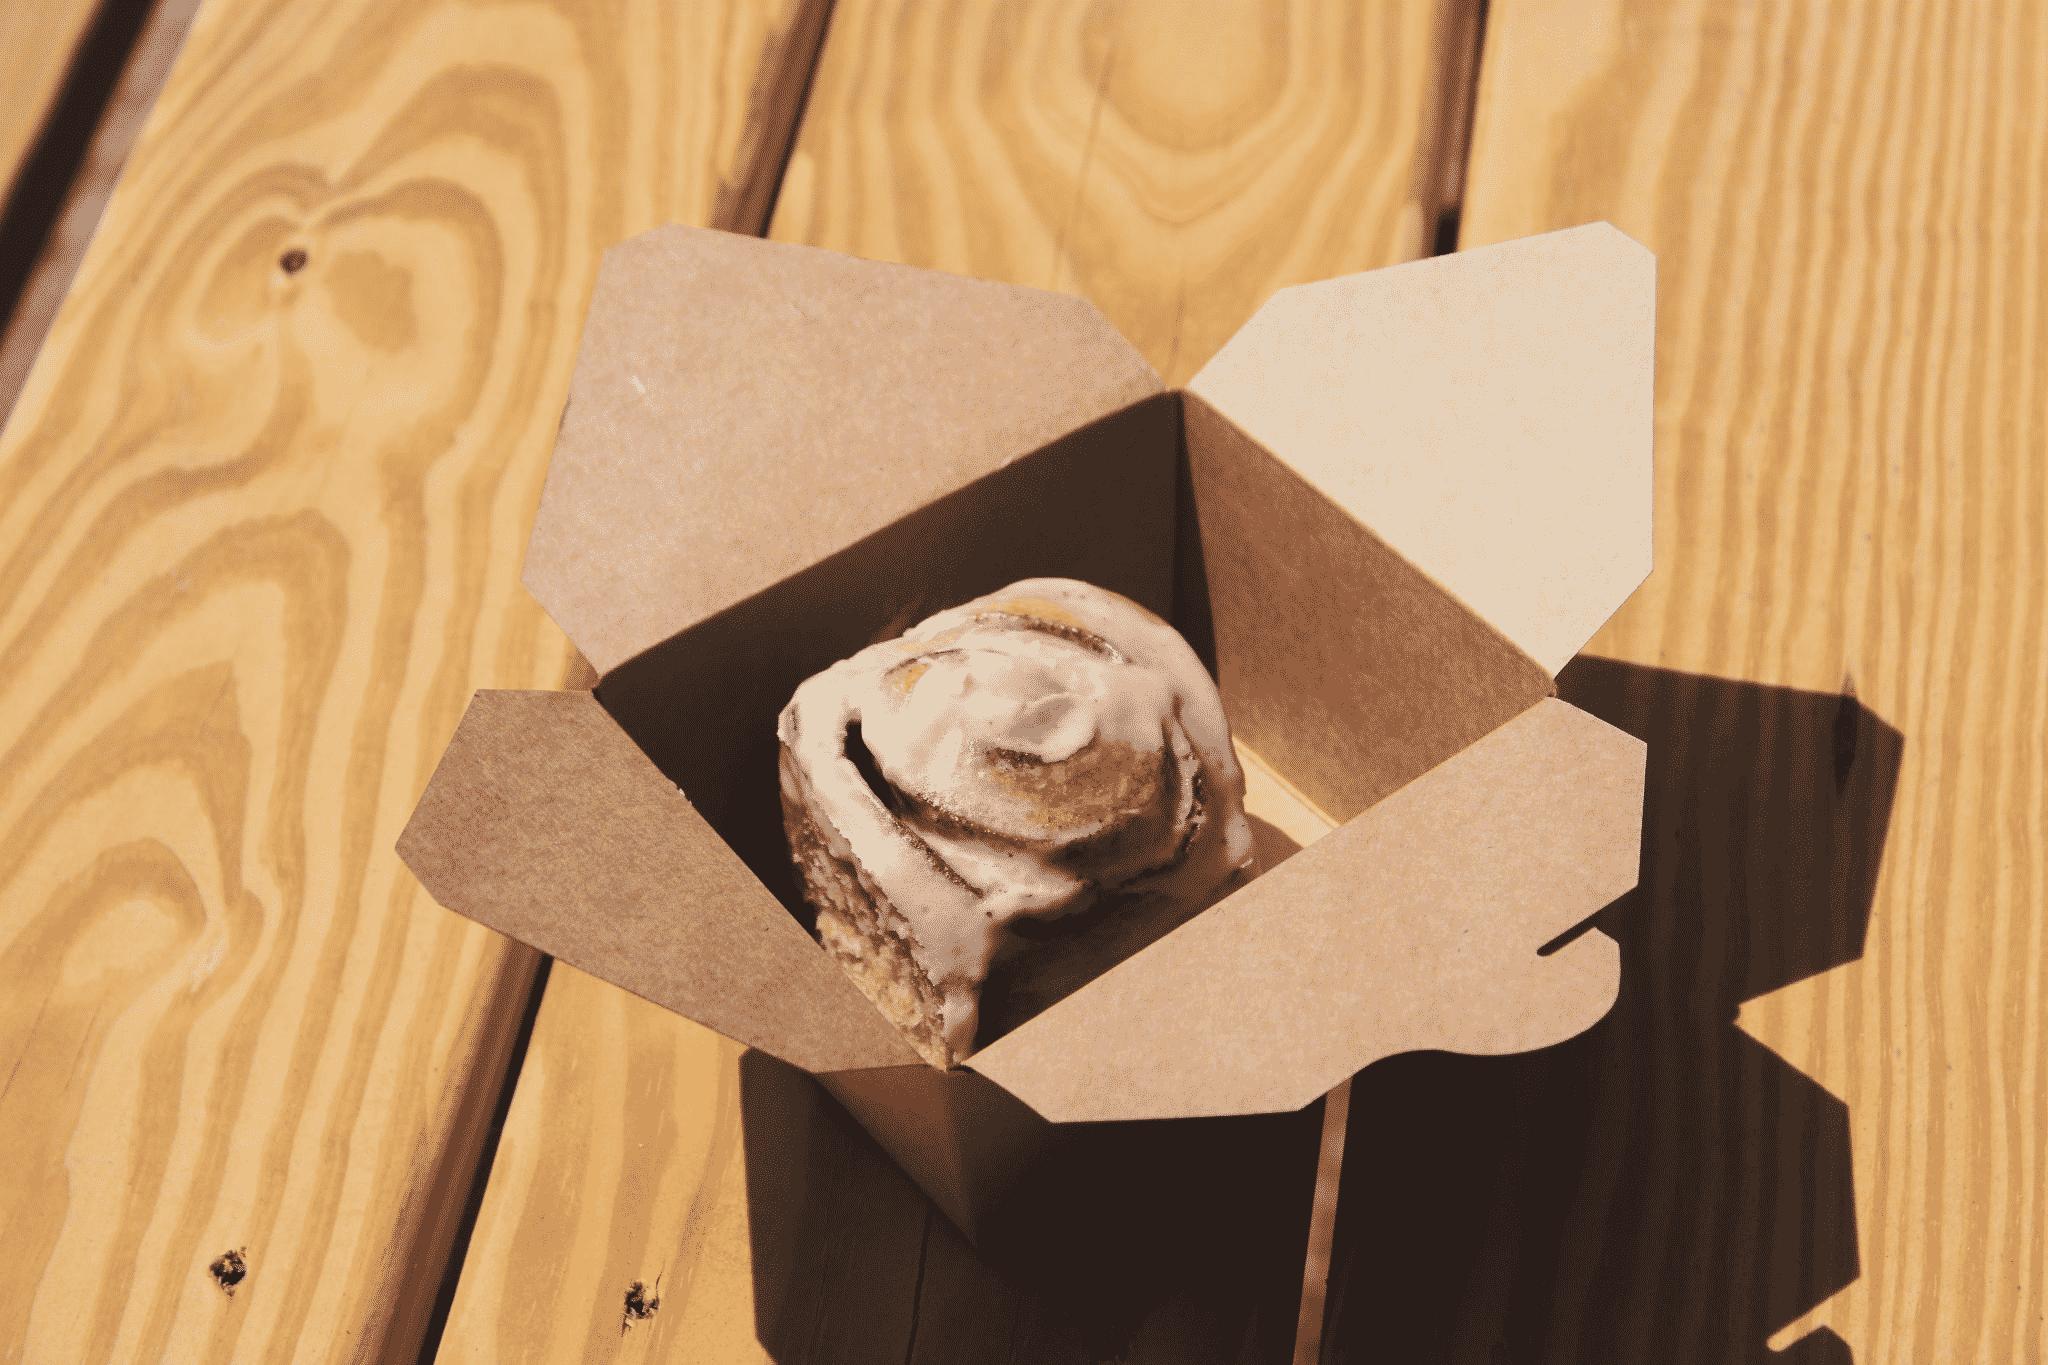 bread inside a box